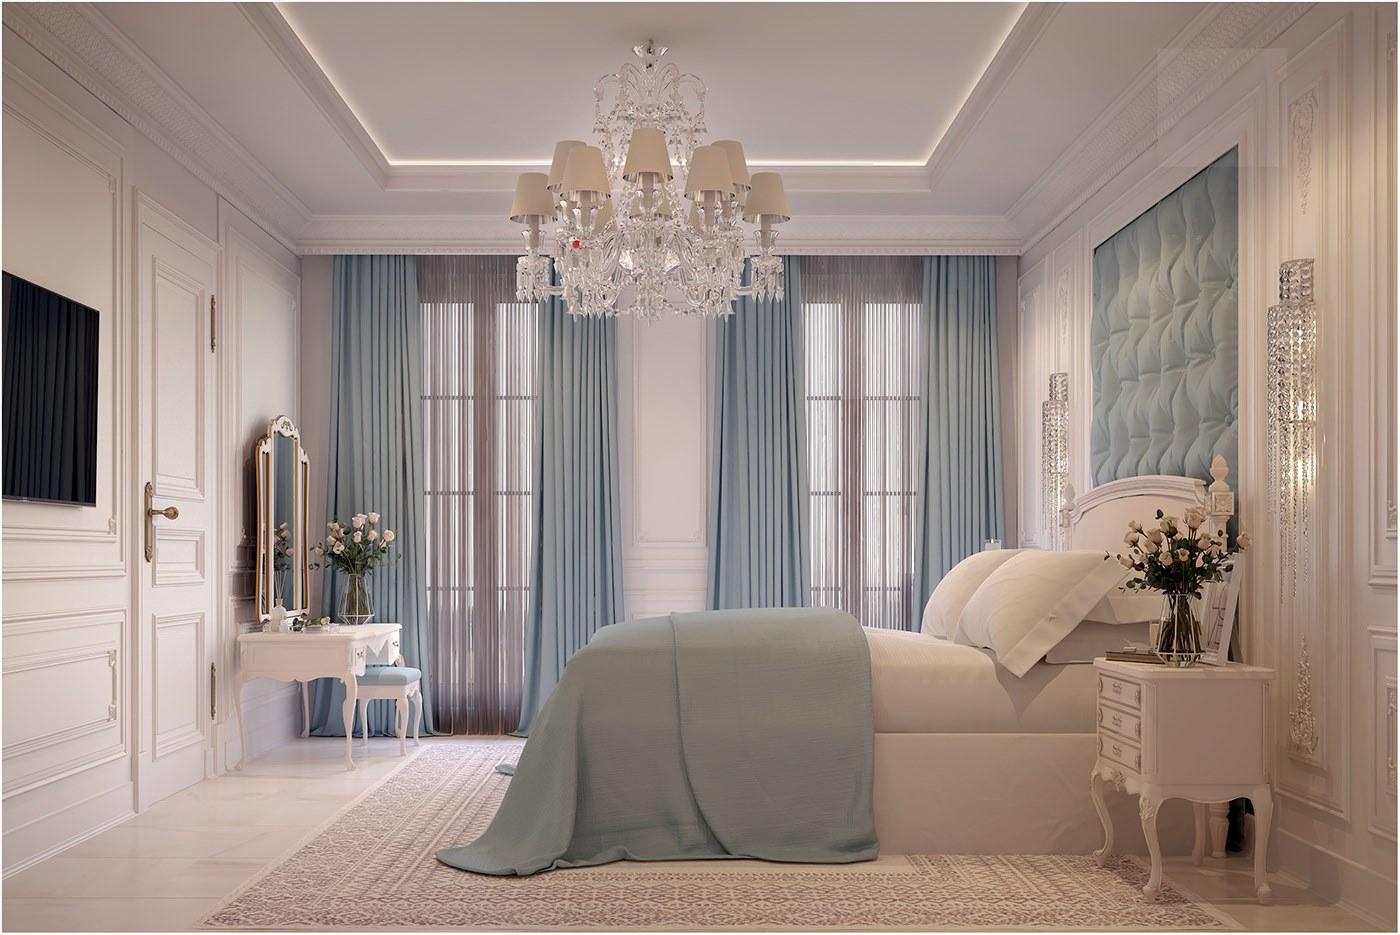 Kết hợp rèm cửa thế nào để căn phòng trở nên ấn tượng?